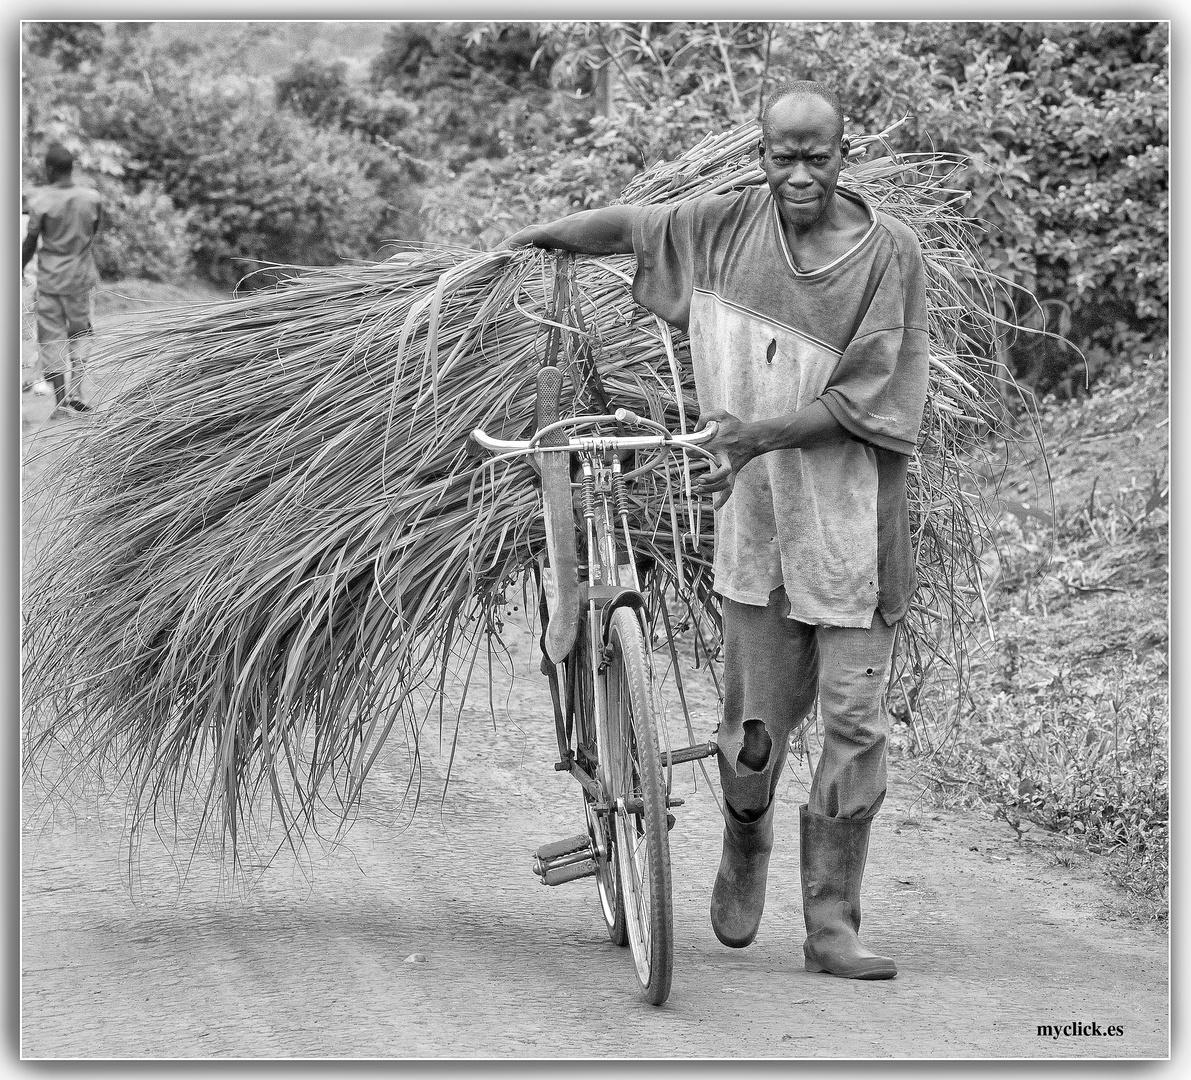 MEMORIAS DE AFRICA-UN AGRICULTOR EN EL CAMINO - UGANDA